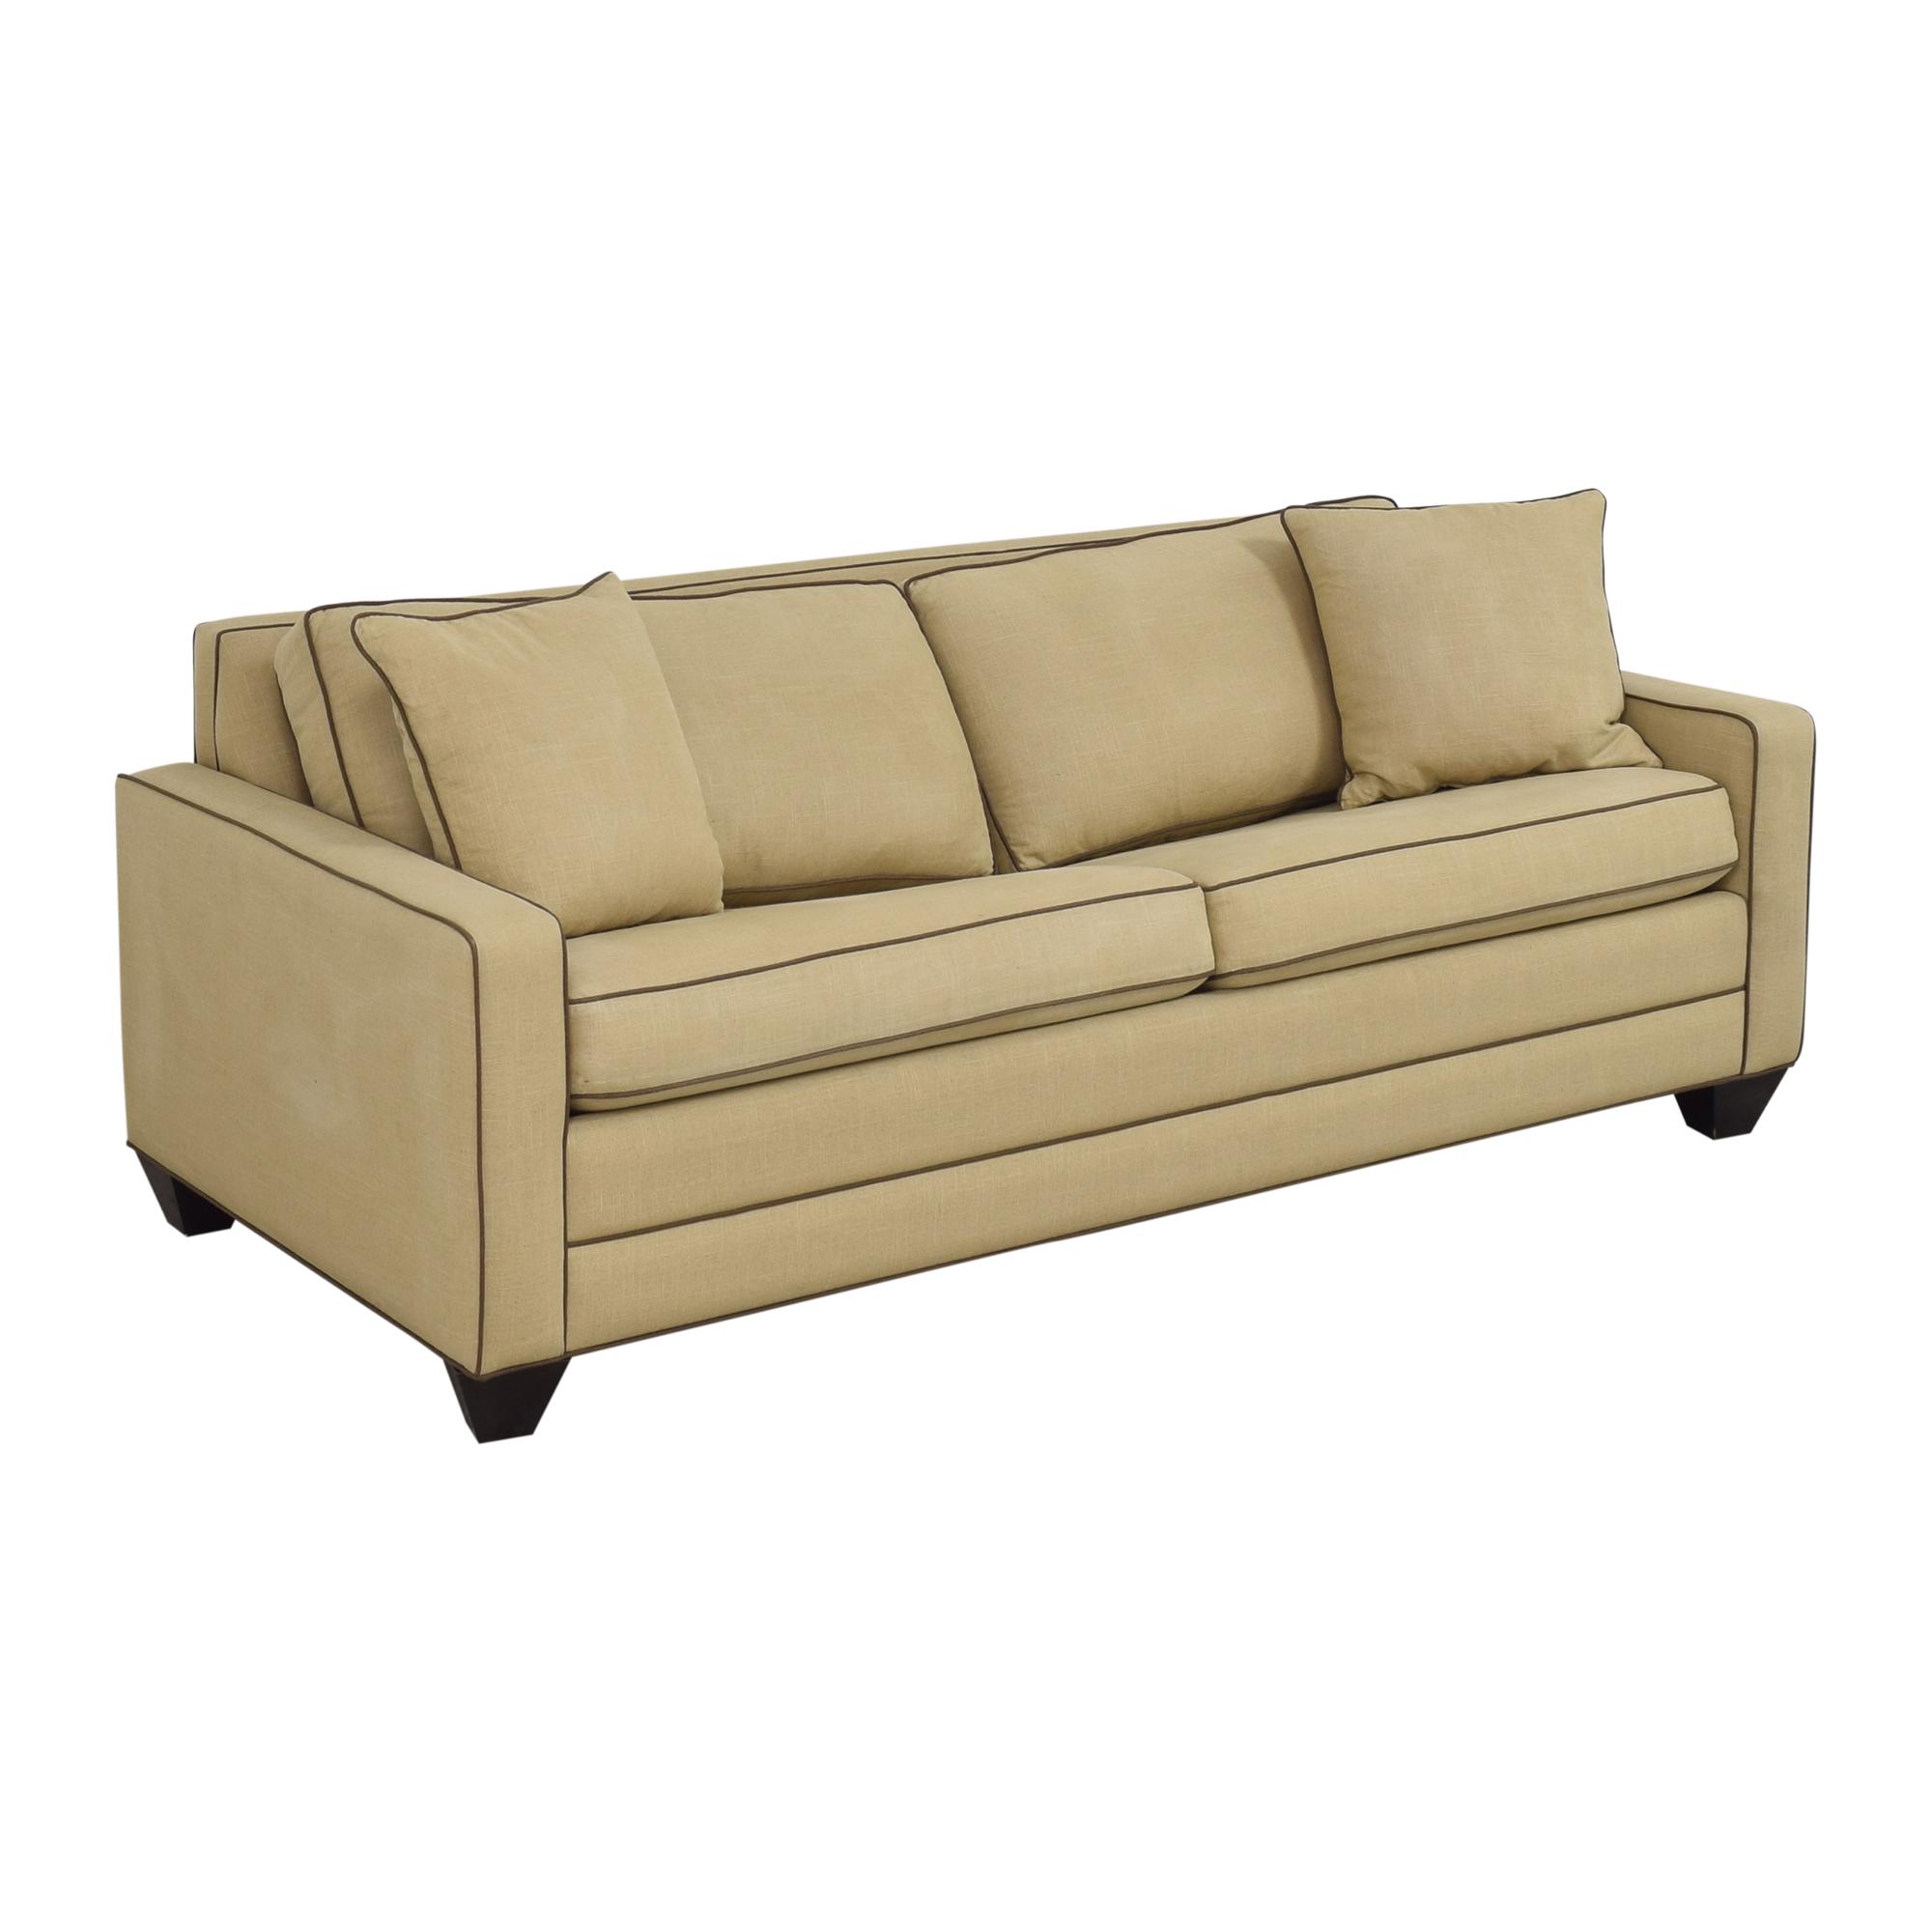 Carlyle Carlyle Custom Sleeper Sofa discount